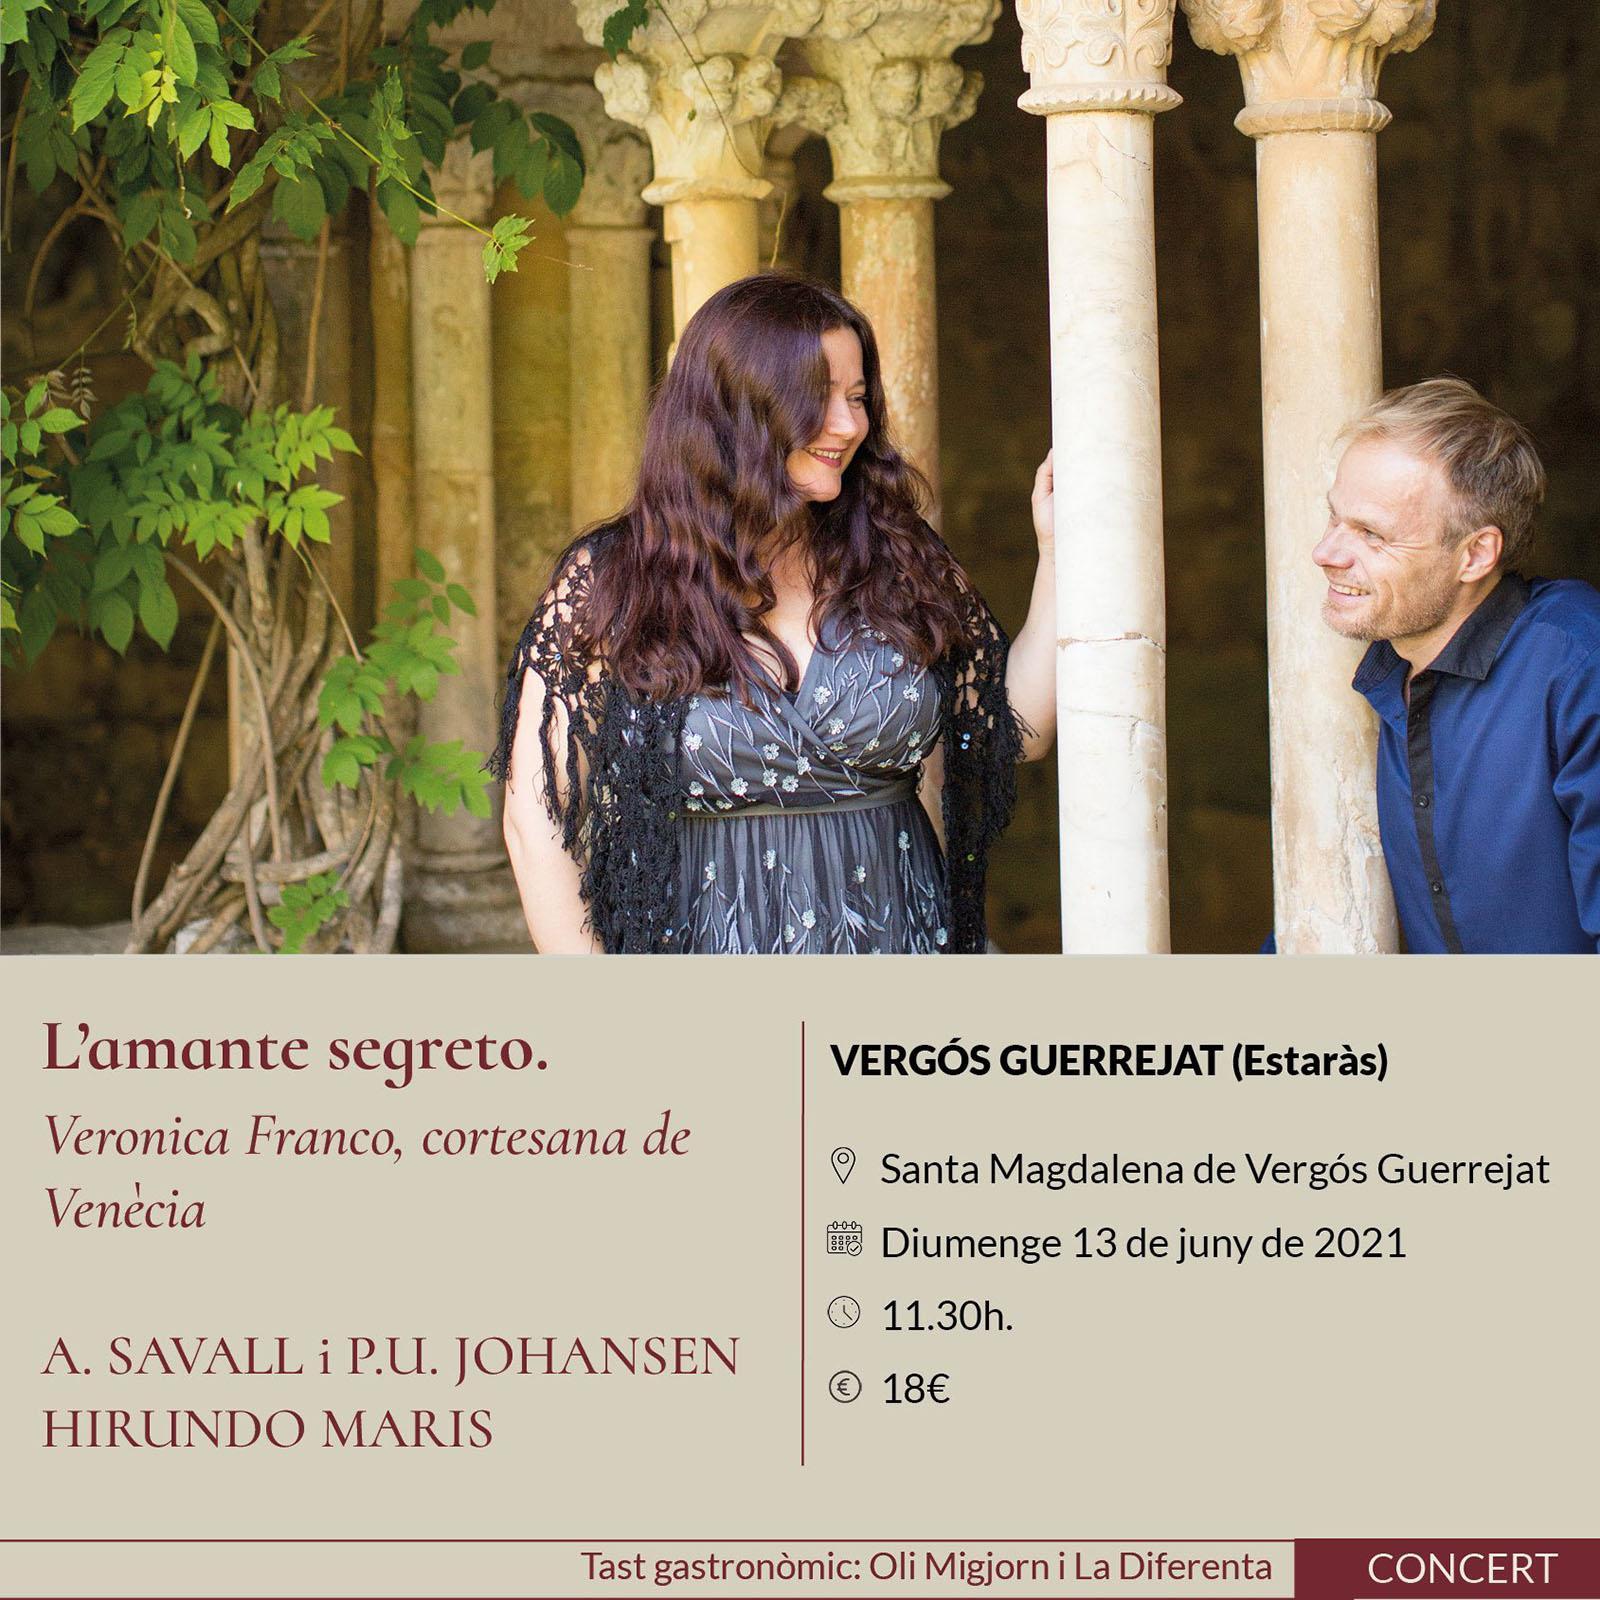 cartell Espurnes barroques concert 'L'amante segreto' a Vallferosa